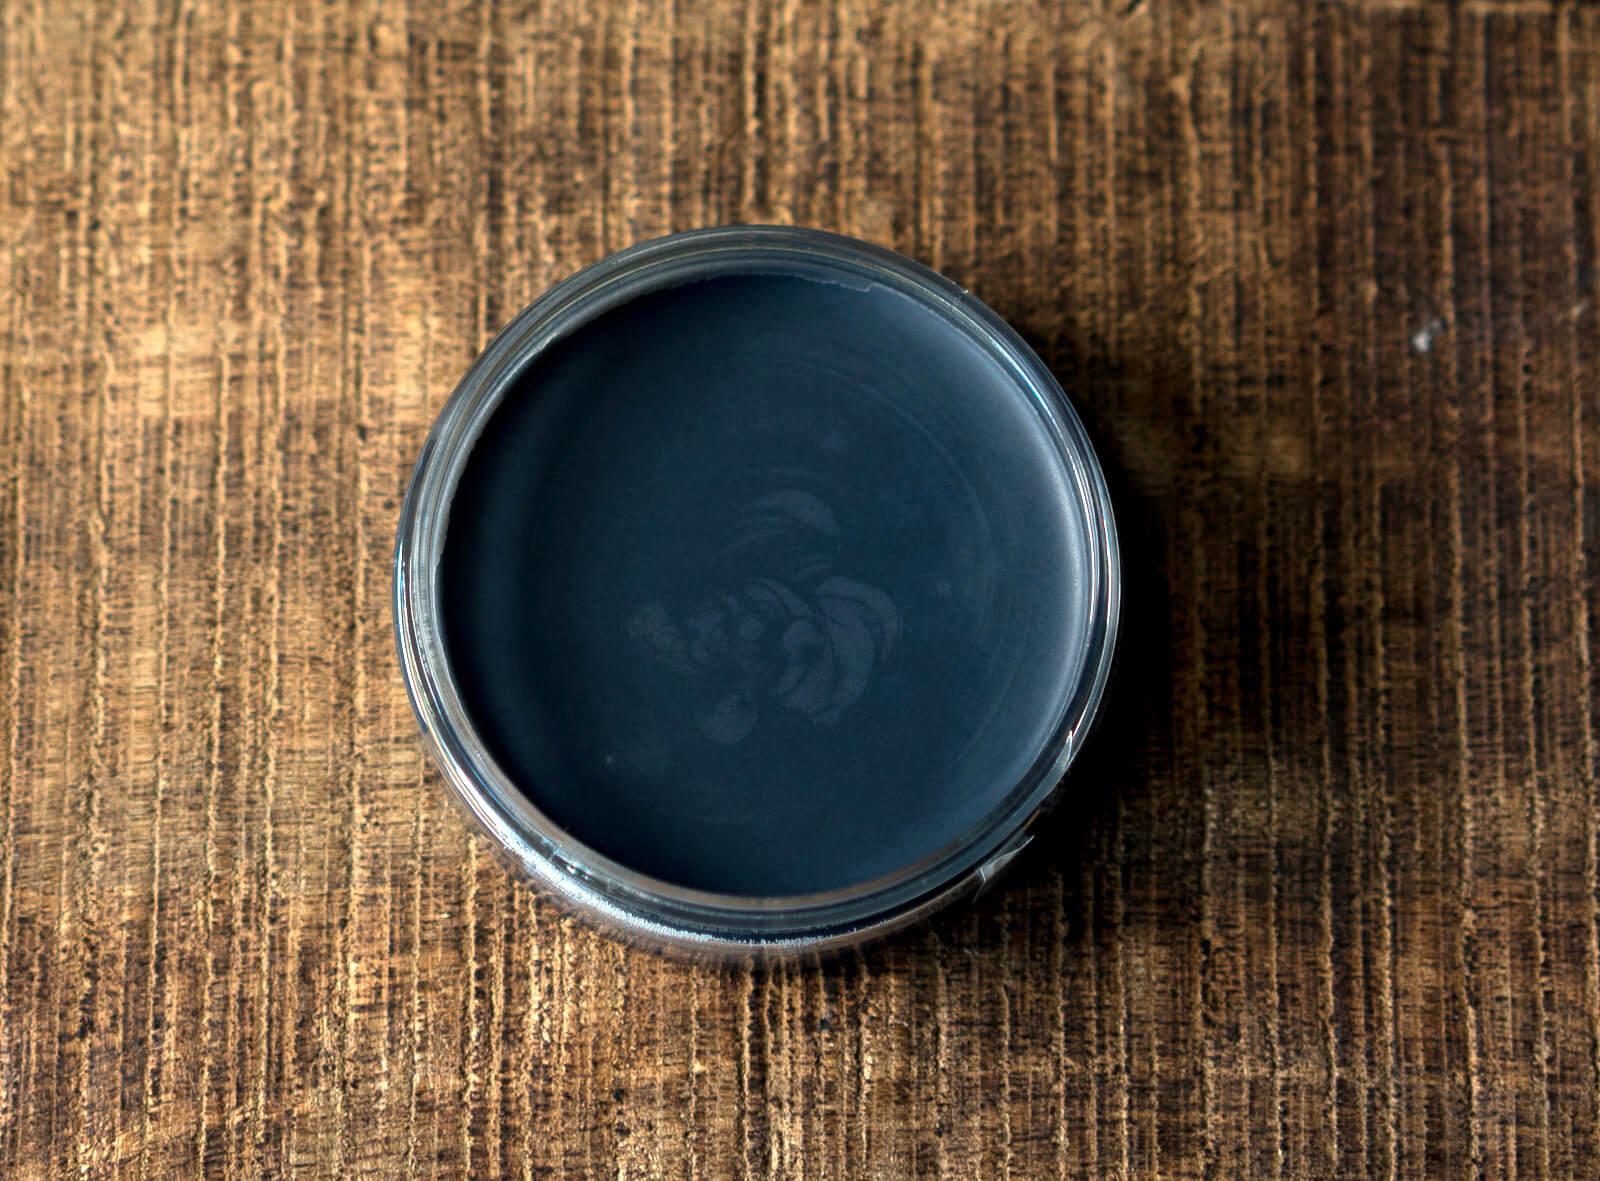 BLACK POWER - Deo Creme mit Aktivkohle, Deodorant ohne Aluminiumsalze und Zink